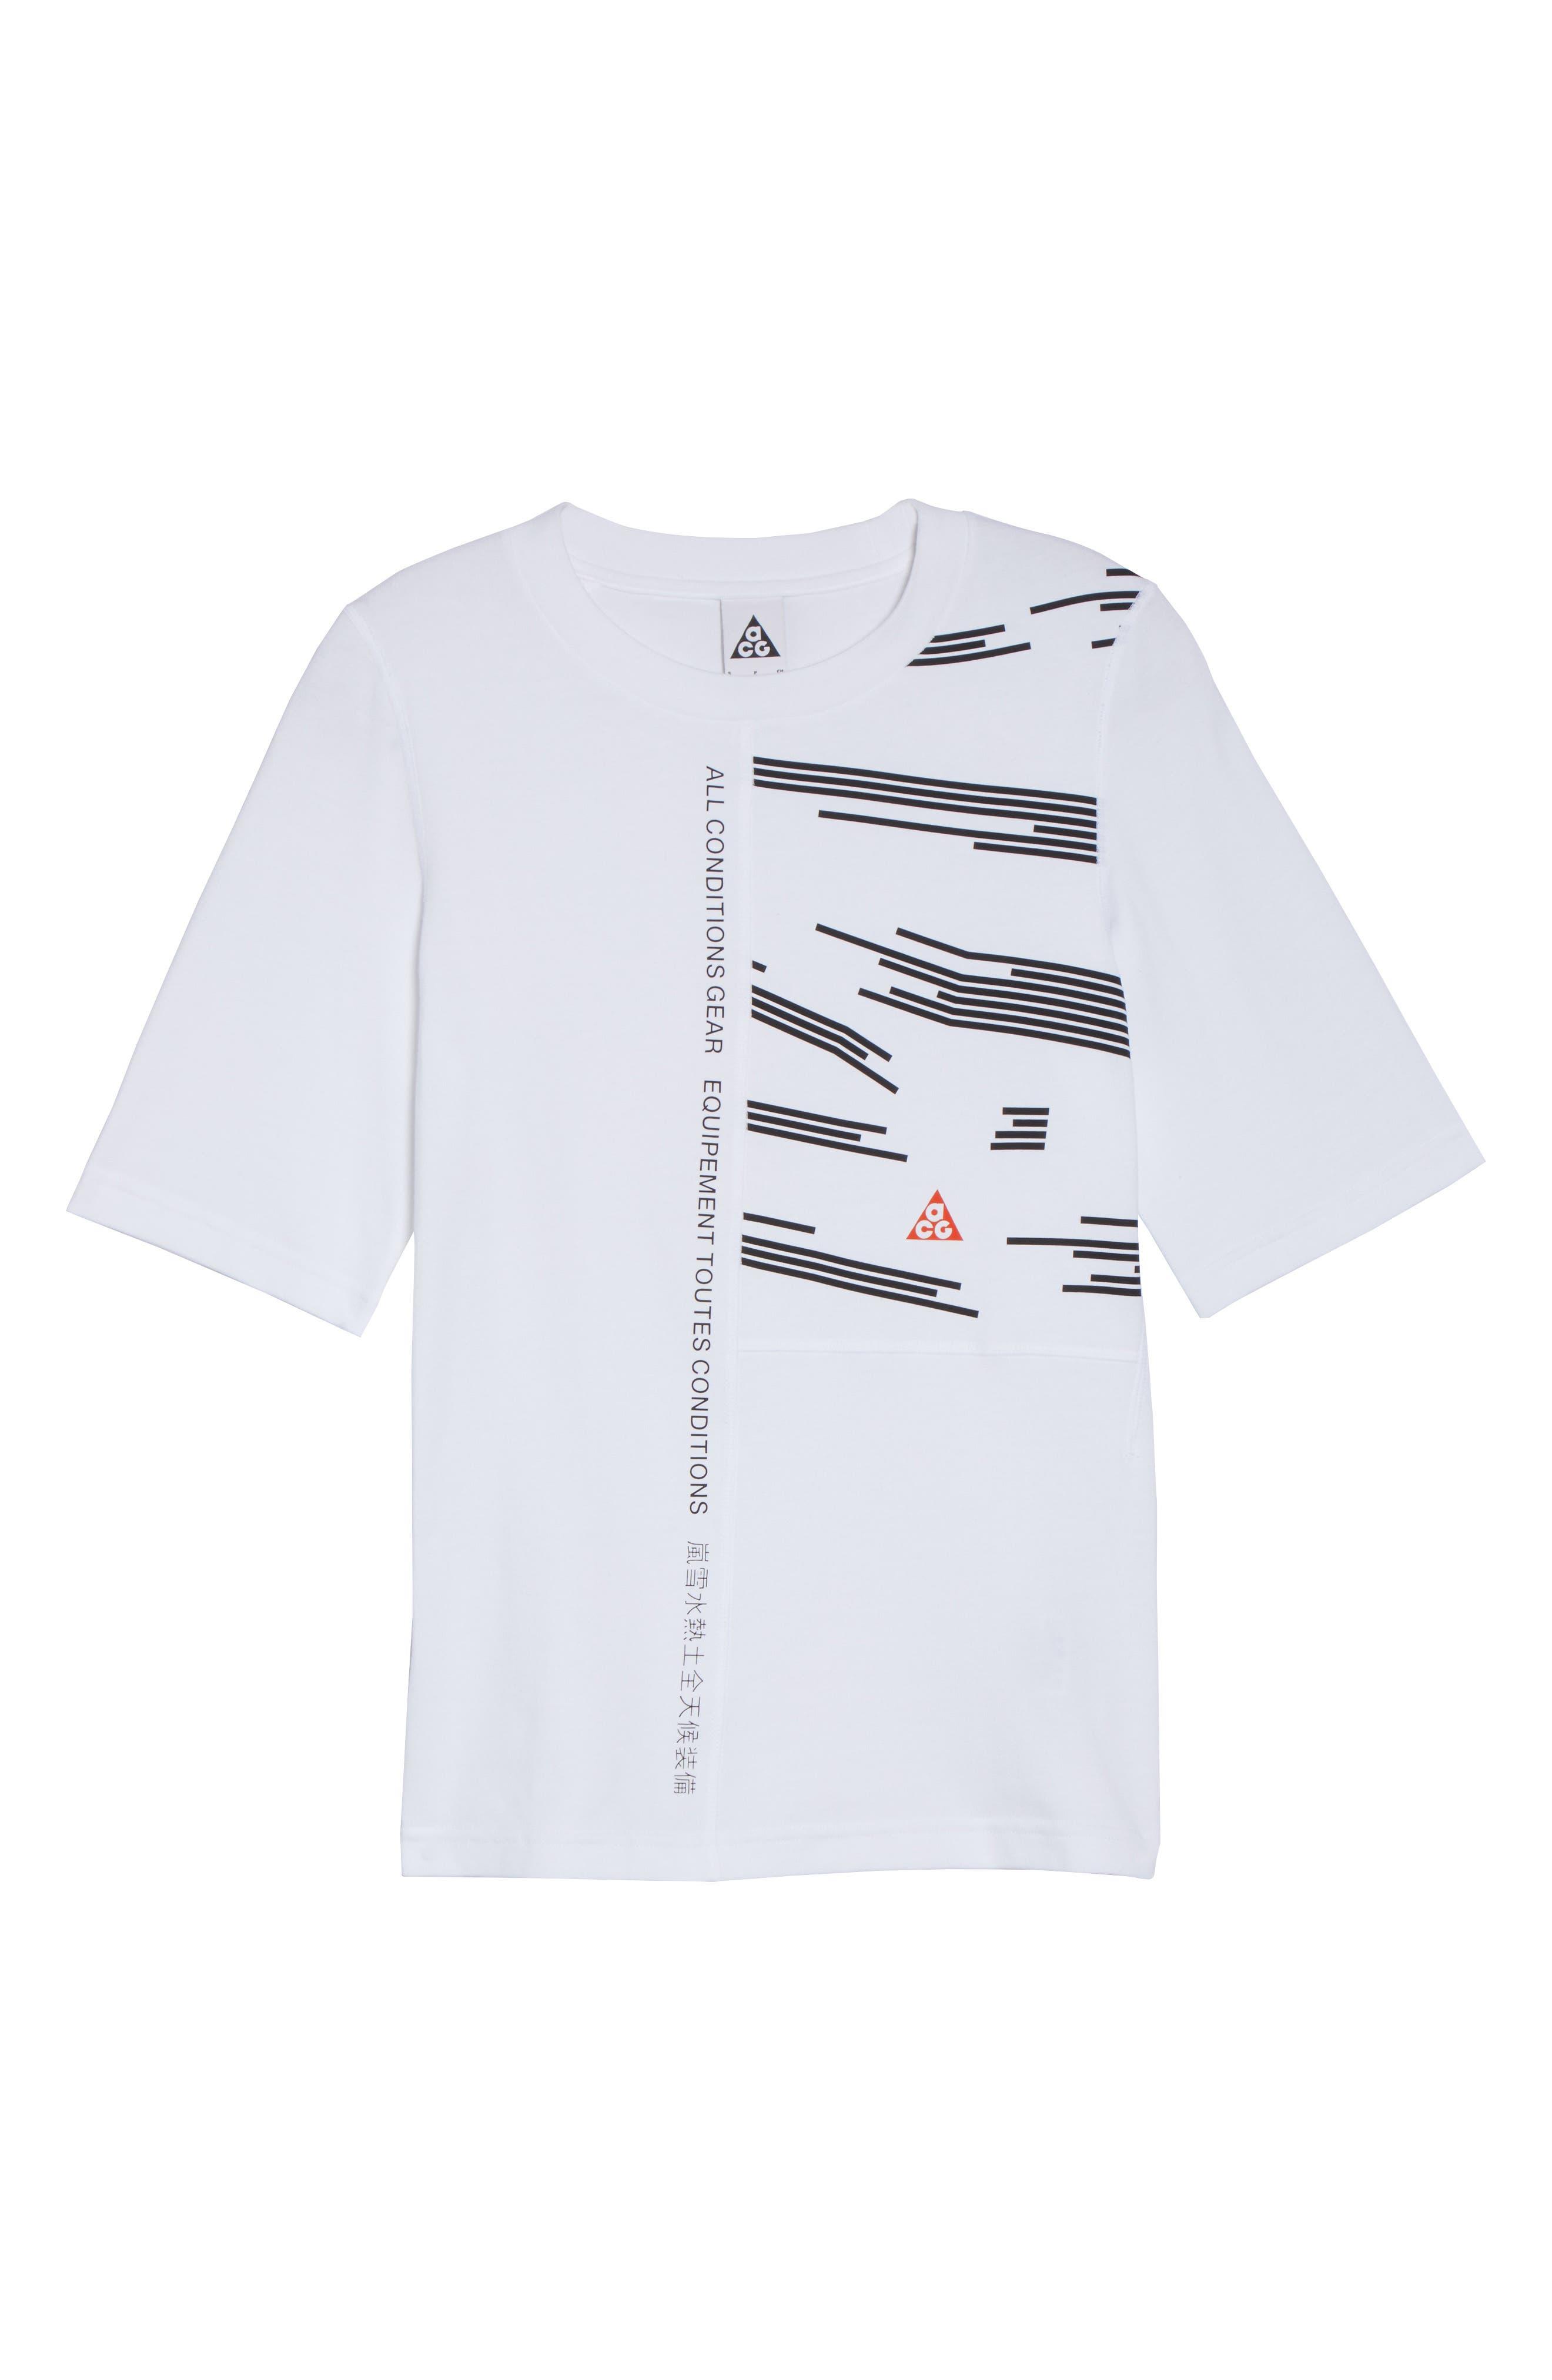 NikeLab AGC Tee,                             Alternate thumbnail 7, color,                             White/ Black